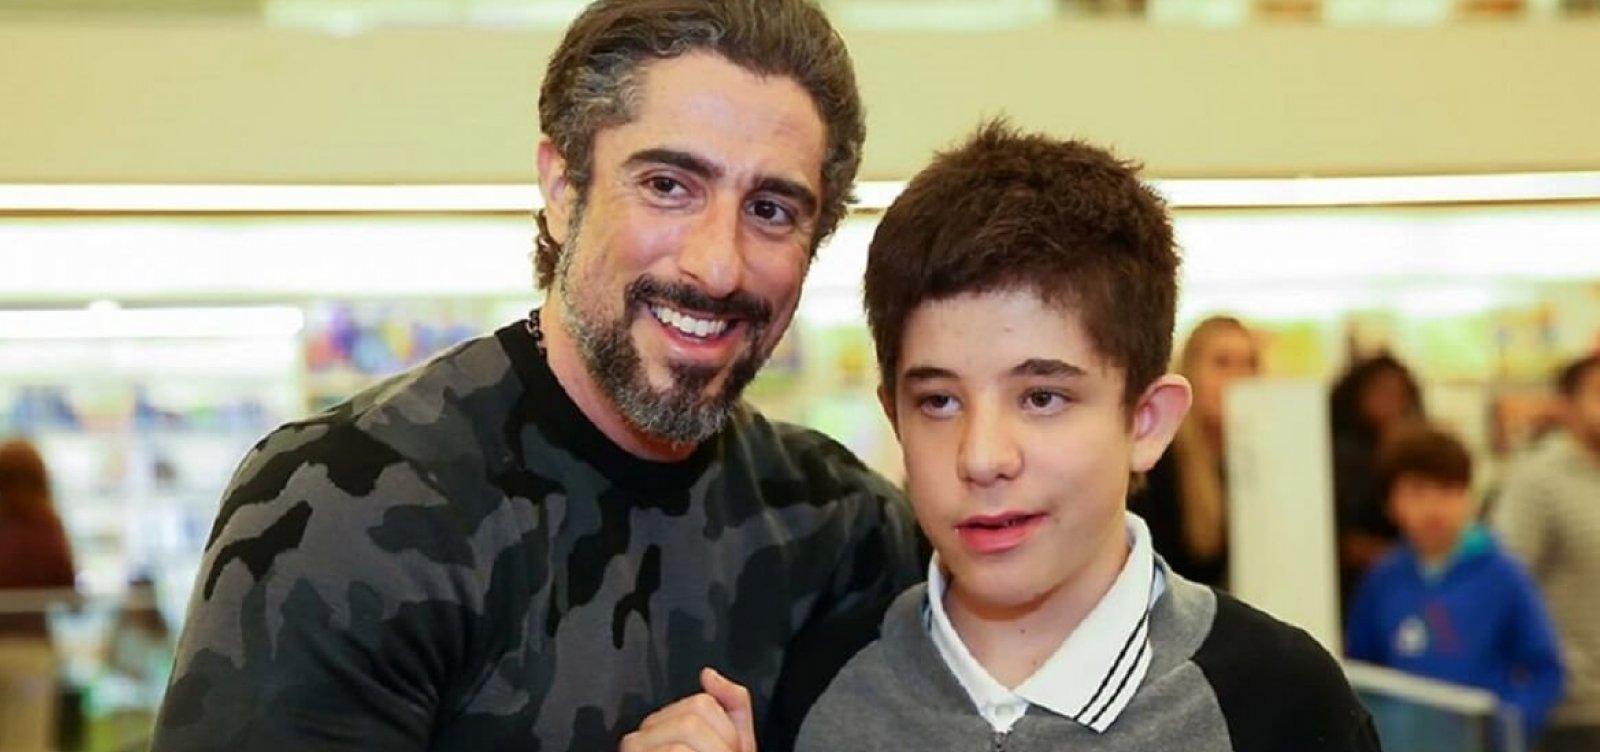 ['Fui presenteado com o autismo na minha vida', diz Marcos Mion sobre o filho Romeo]